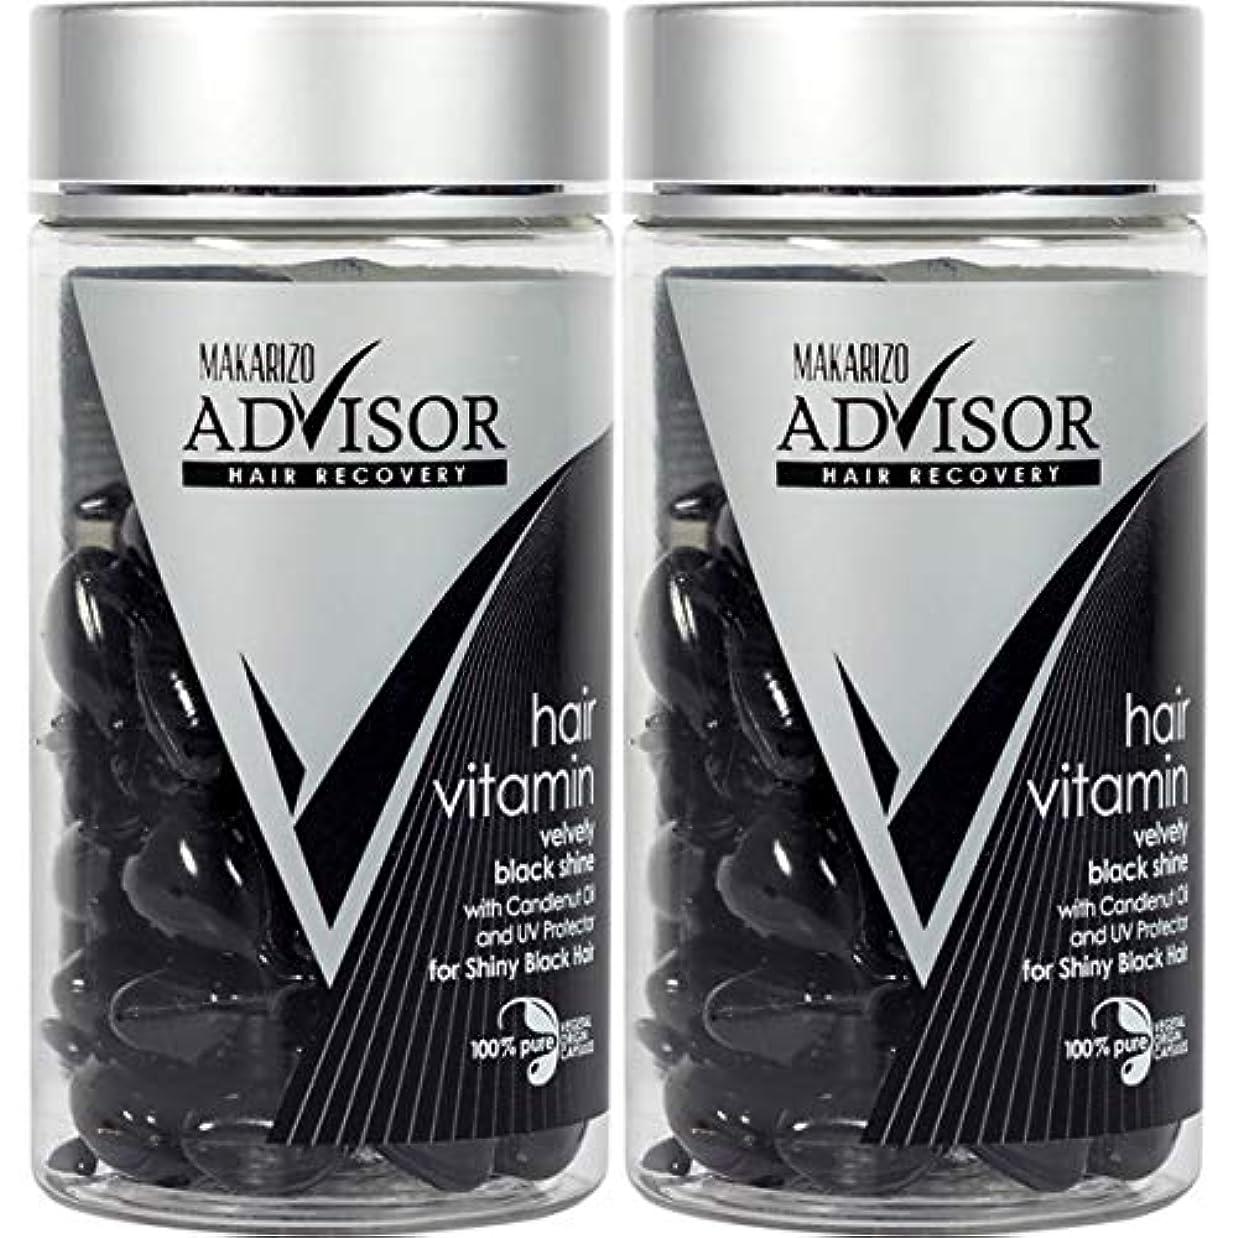 ズボン歌詞黒板MAKARIZO マカリゾ Advisor アドバイザー Hair Vitamin ヘアビタミン 50粒入ボトル×2個セット Velvety Black Shine ブラック [海外直送品]